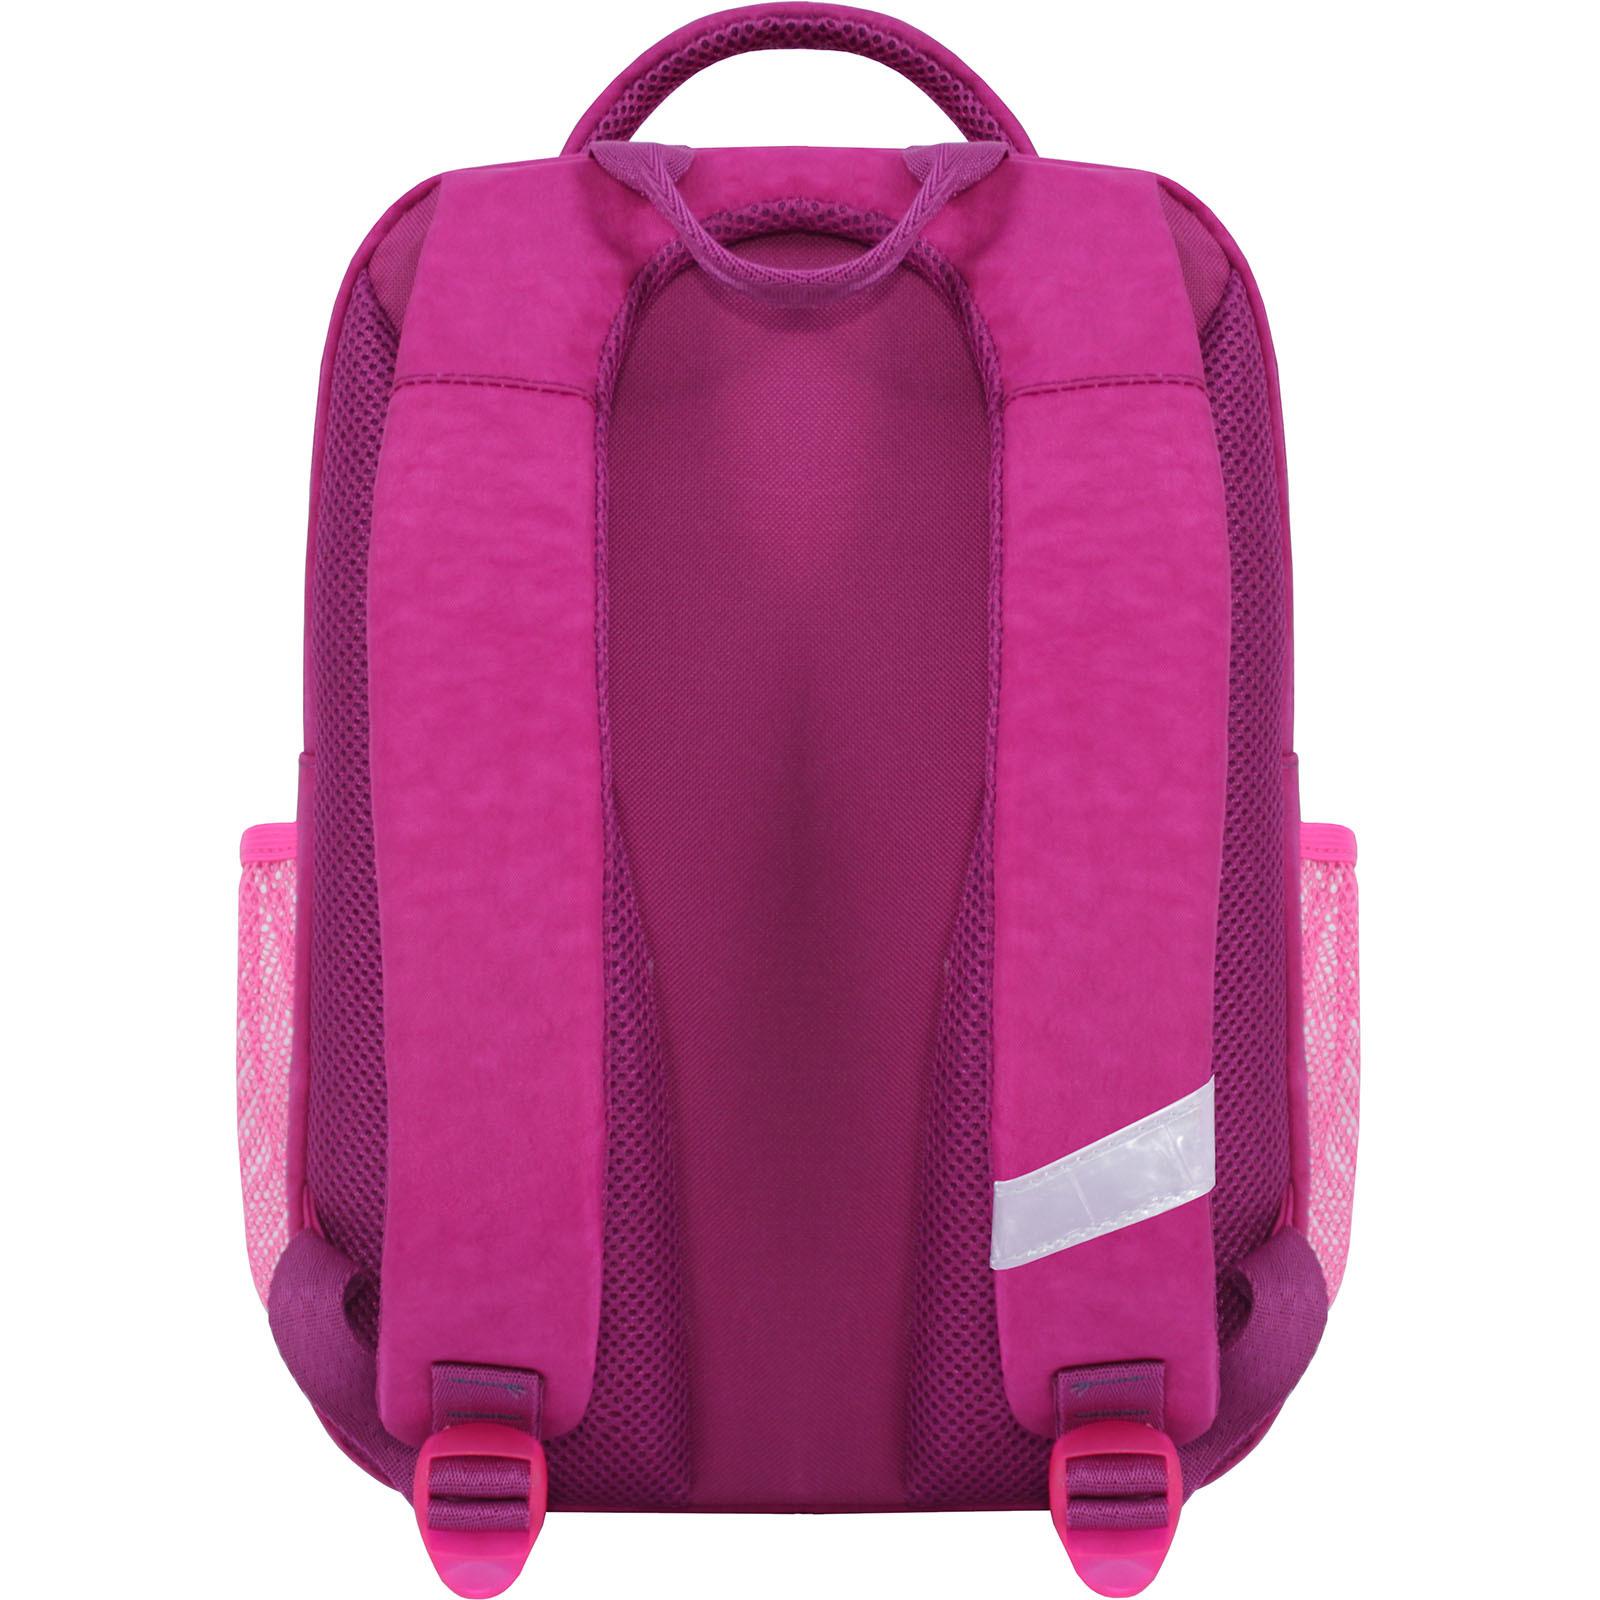 Рюкзак школьный Bagland Школьник 8 л. 143 малиновый 515 (0012870) фото 3